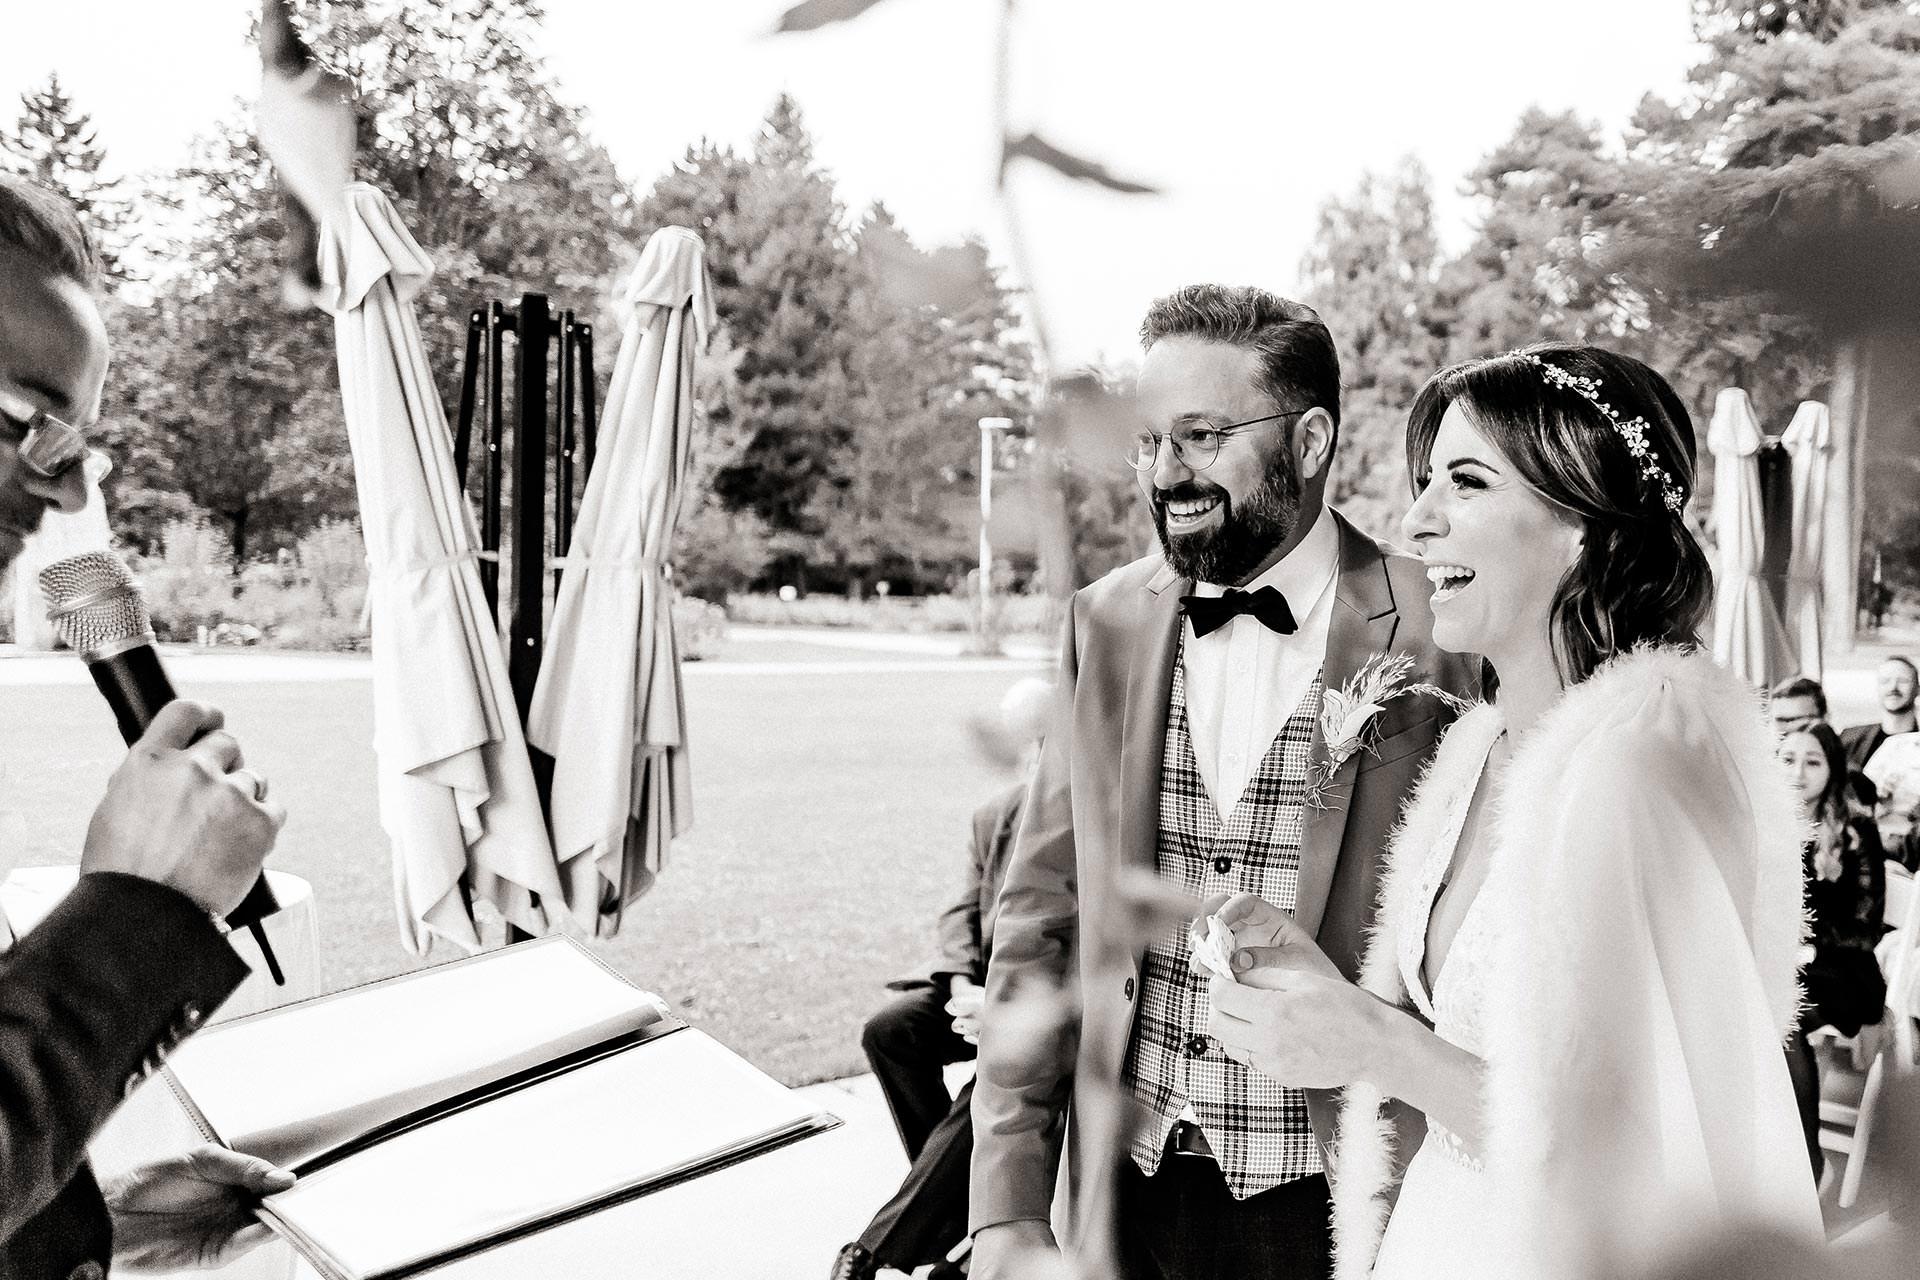 Empfehlung. Die Hochzeitsfotos sind, neben der eigentlichen Feier selbst, wahrscheinlich das Wichtigste an so einem großen Tag. Wie du vielleicht schon ahnen wirst, stelle ich dir heute unsere Hochzeitsfotografin vor, die gemeinsam mit ihrem Mann einen unserer schönsten Tage in Foto- und Videoform festgehalten und begleitet hat. #hochzeitsfotos #herbsthochzeit #hochzeitsfotografin